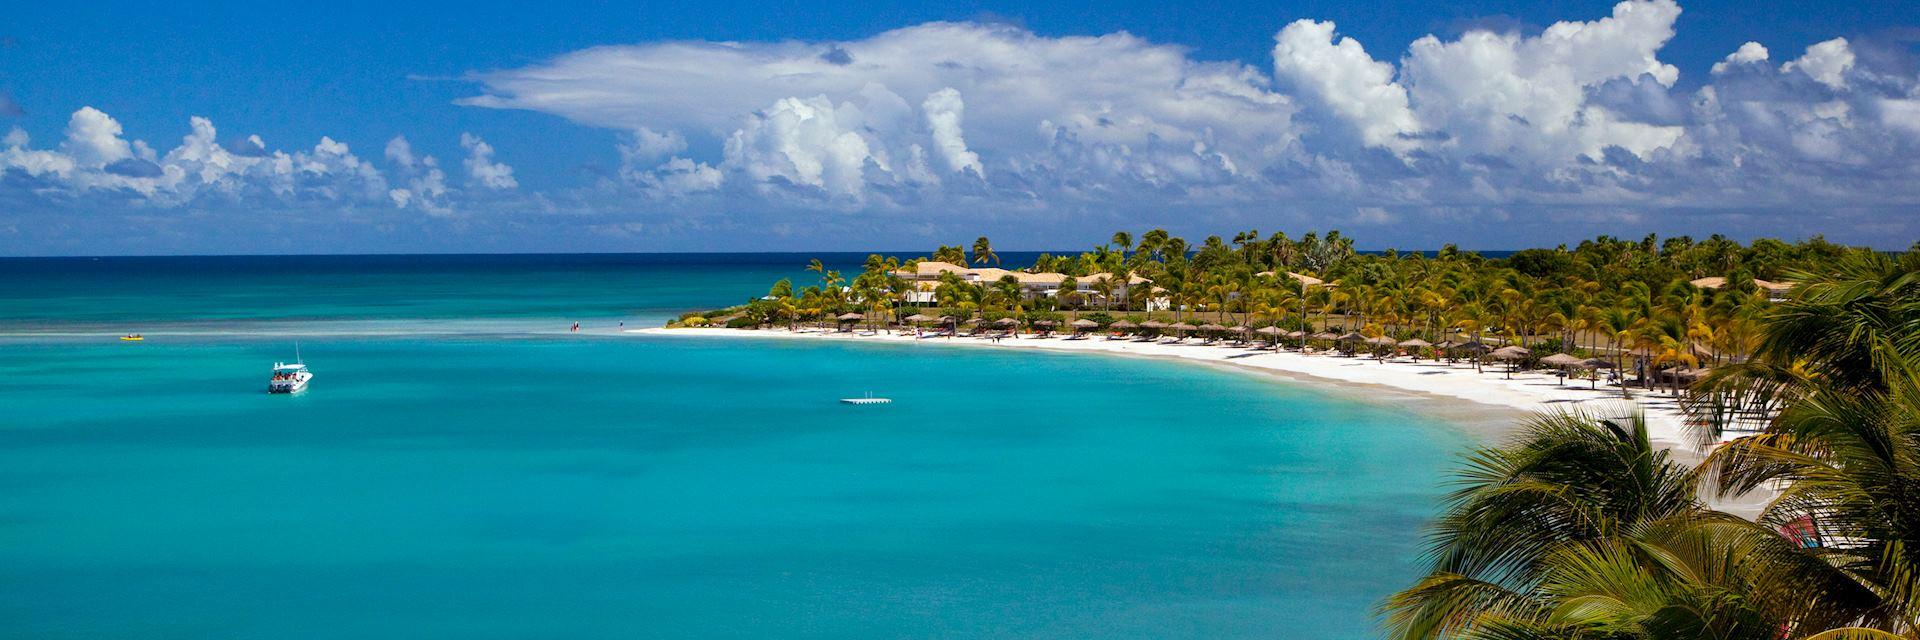 Jumby Bay Beach, Antigua